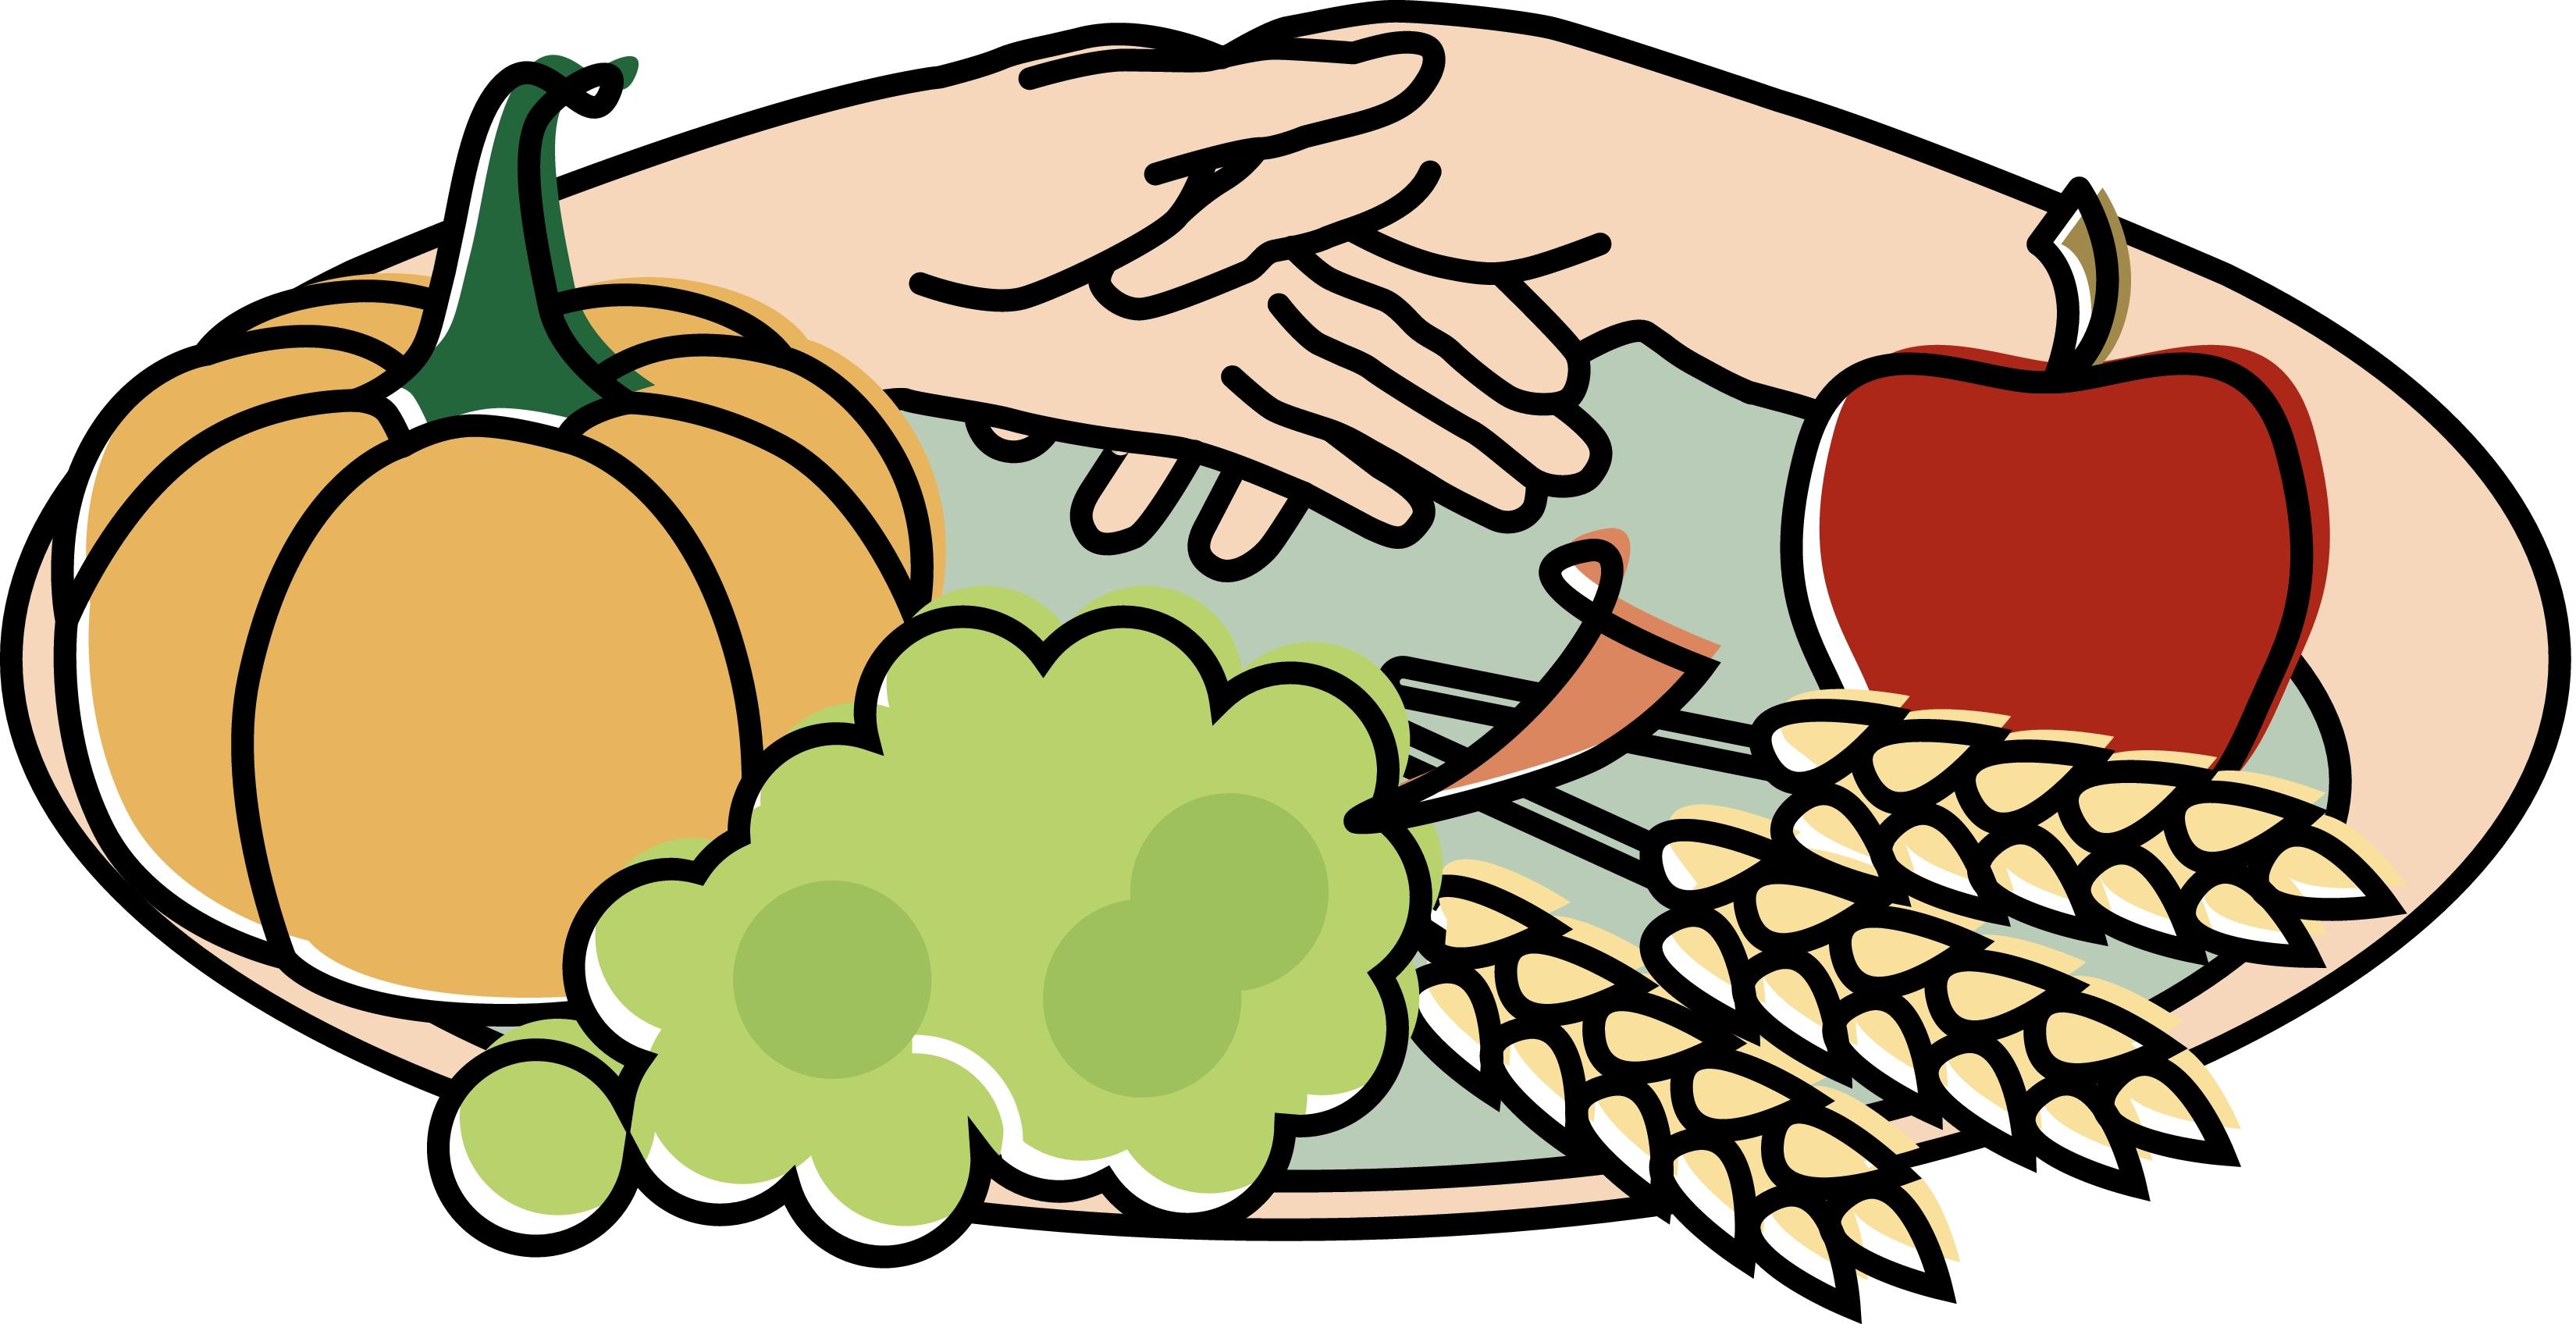 3300x1696 Top 82 Food Clip Art